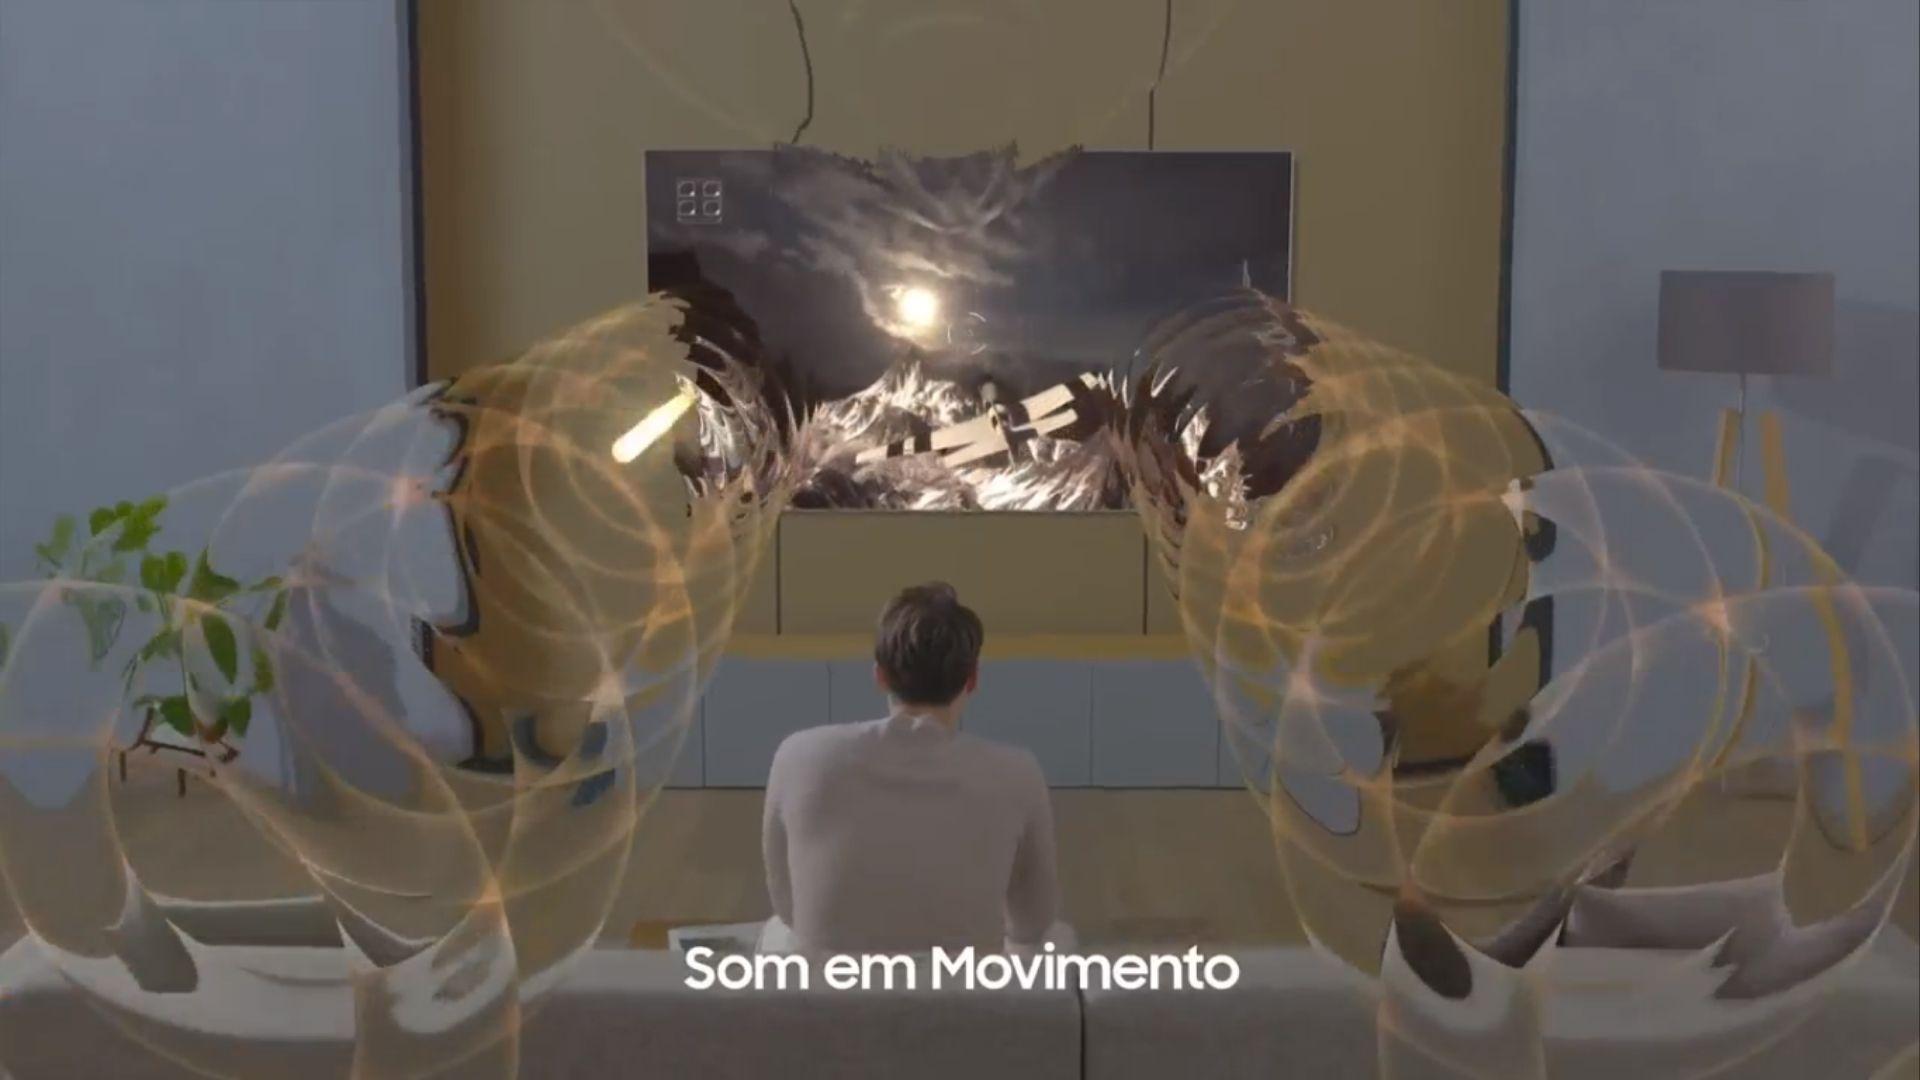 """Recurso """"Som em Movimento"""" da Samsung faz com que o alto-falantes acompanhem a movimentação da cena. (Imagem: Reprodução/Samsung)"""